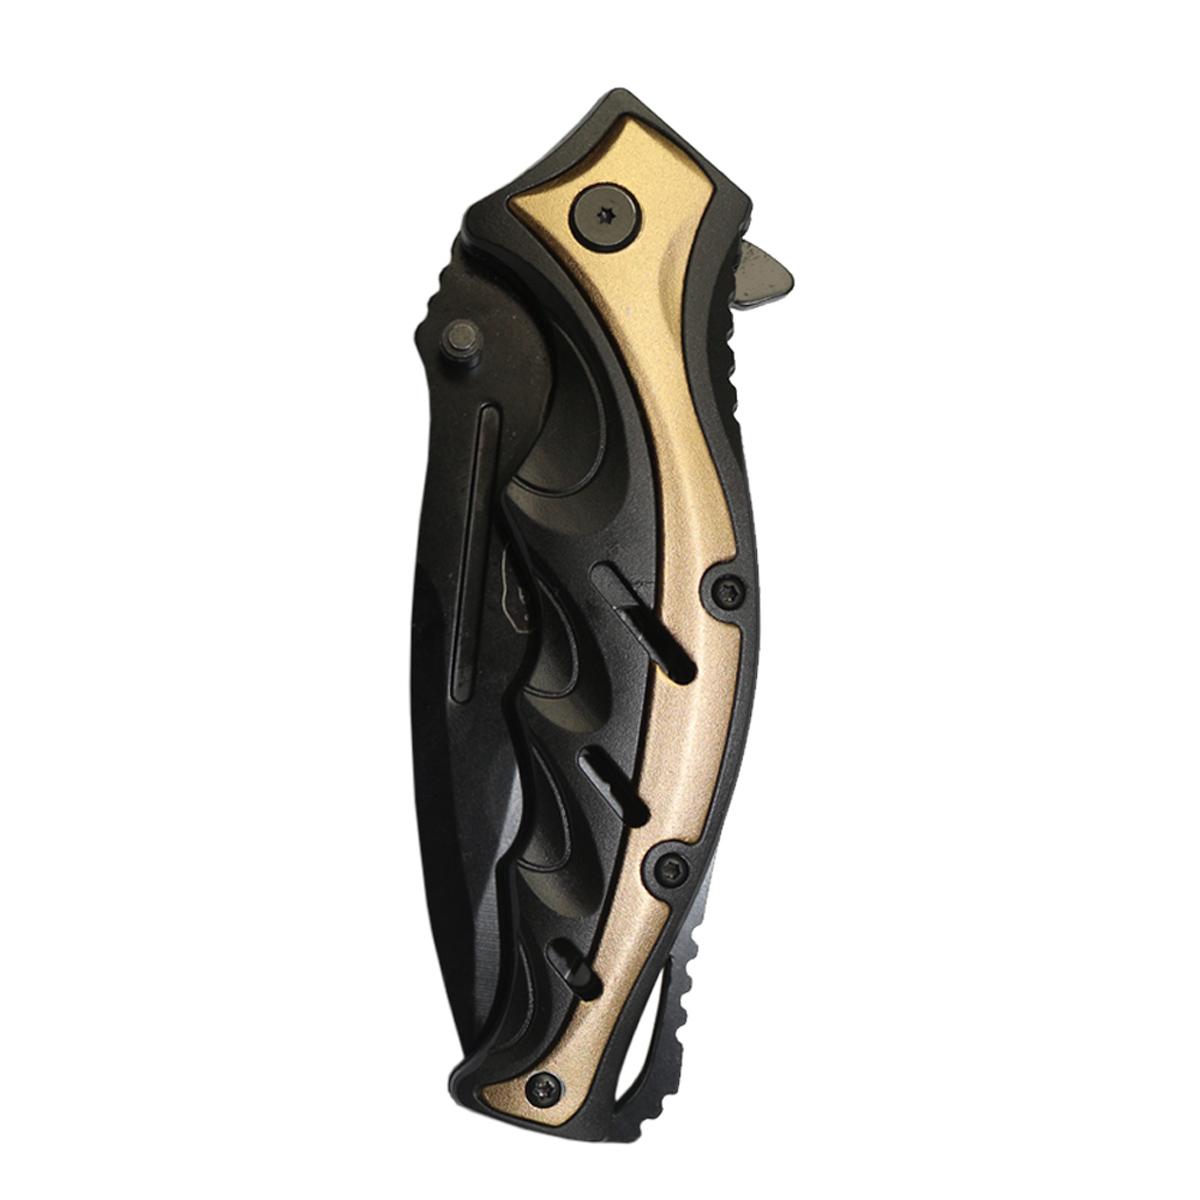 Canivete Brforce Krait Invictus Tático Militar